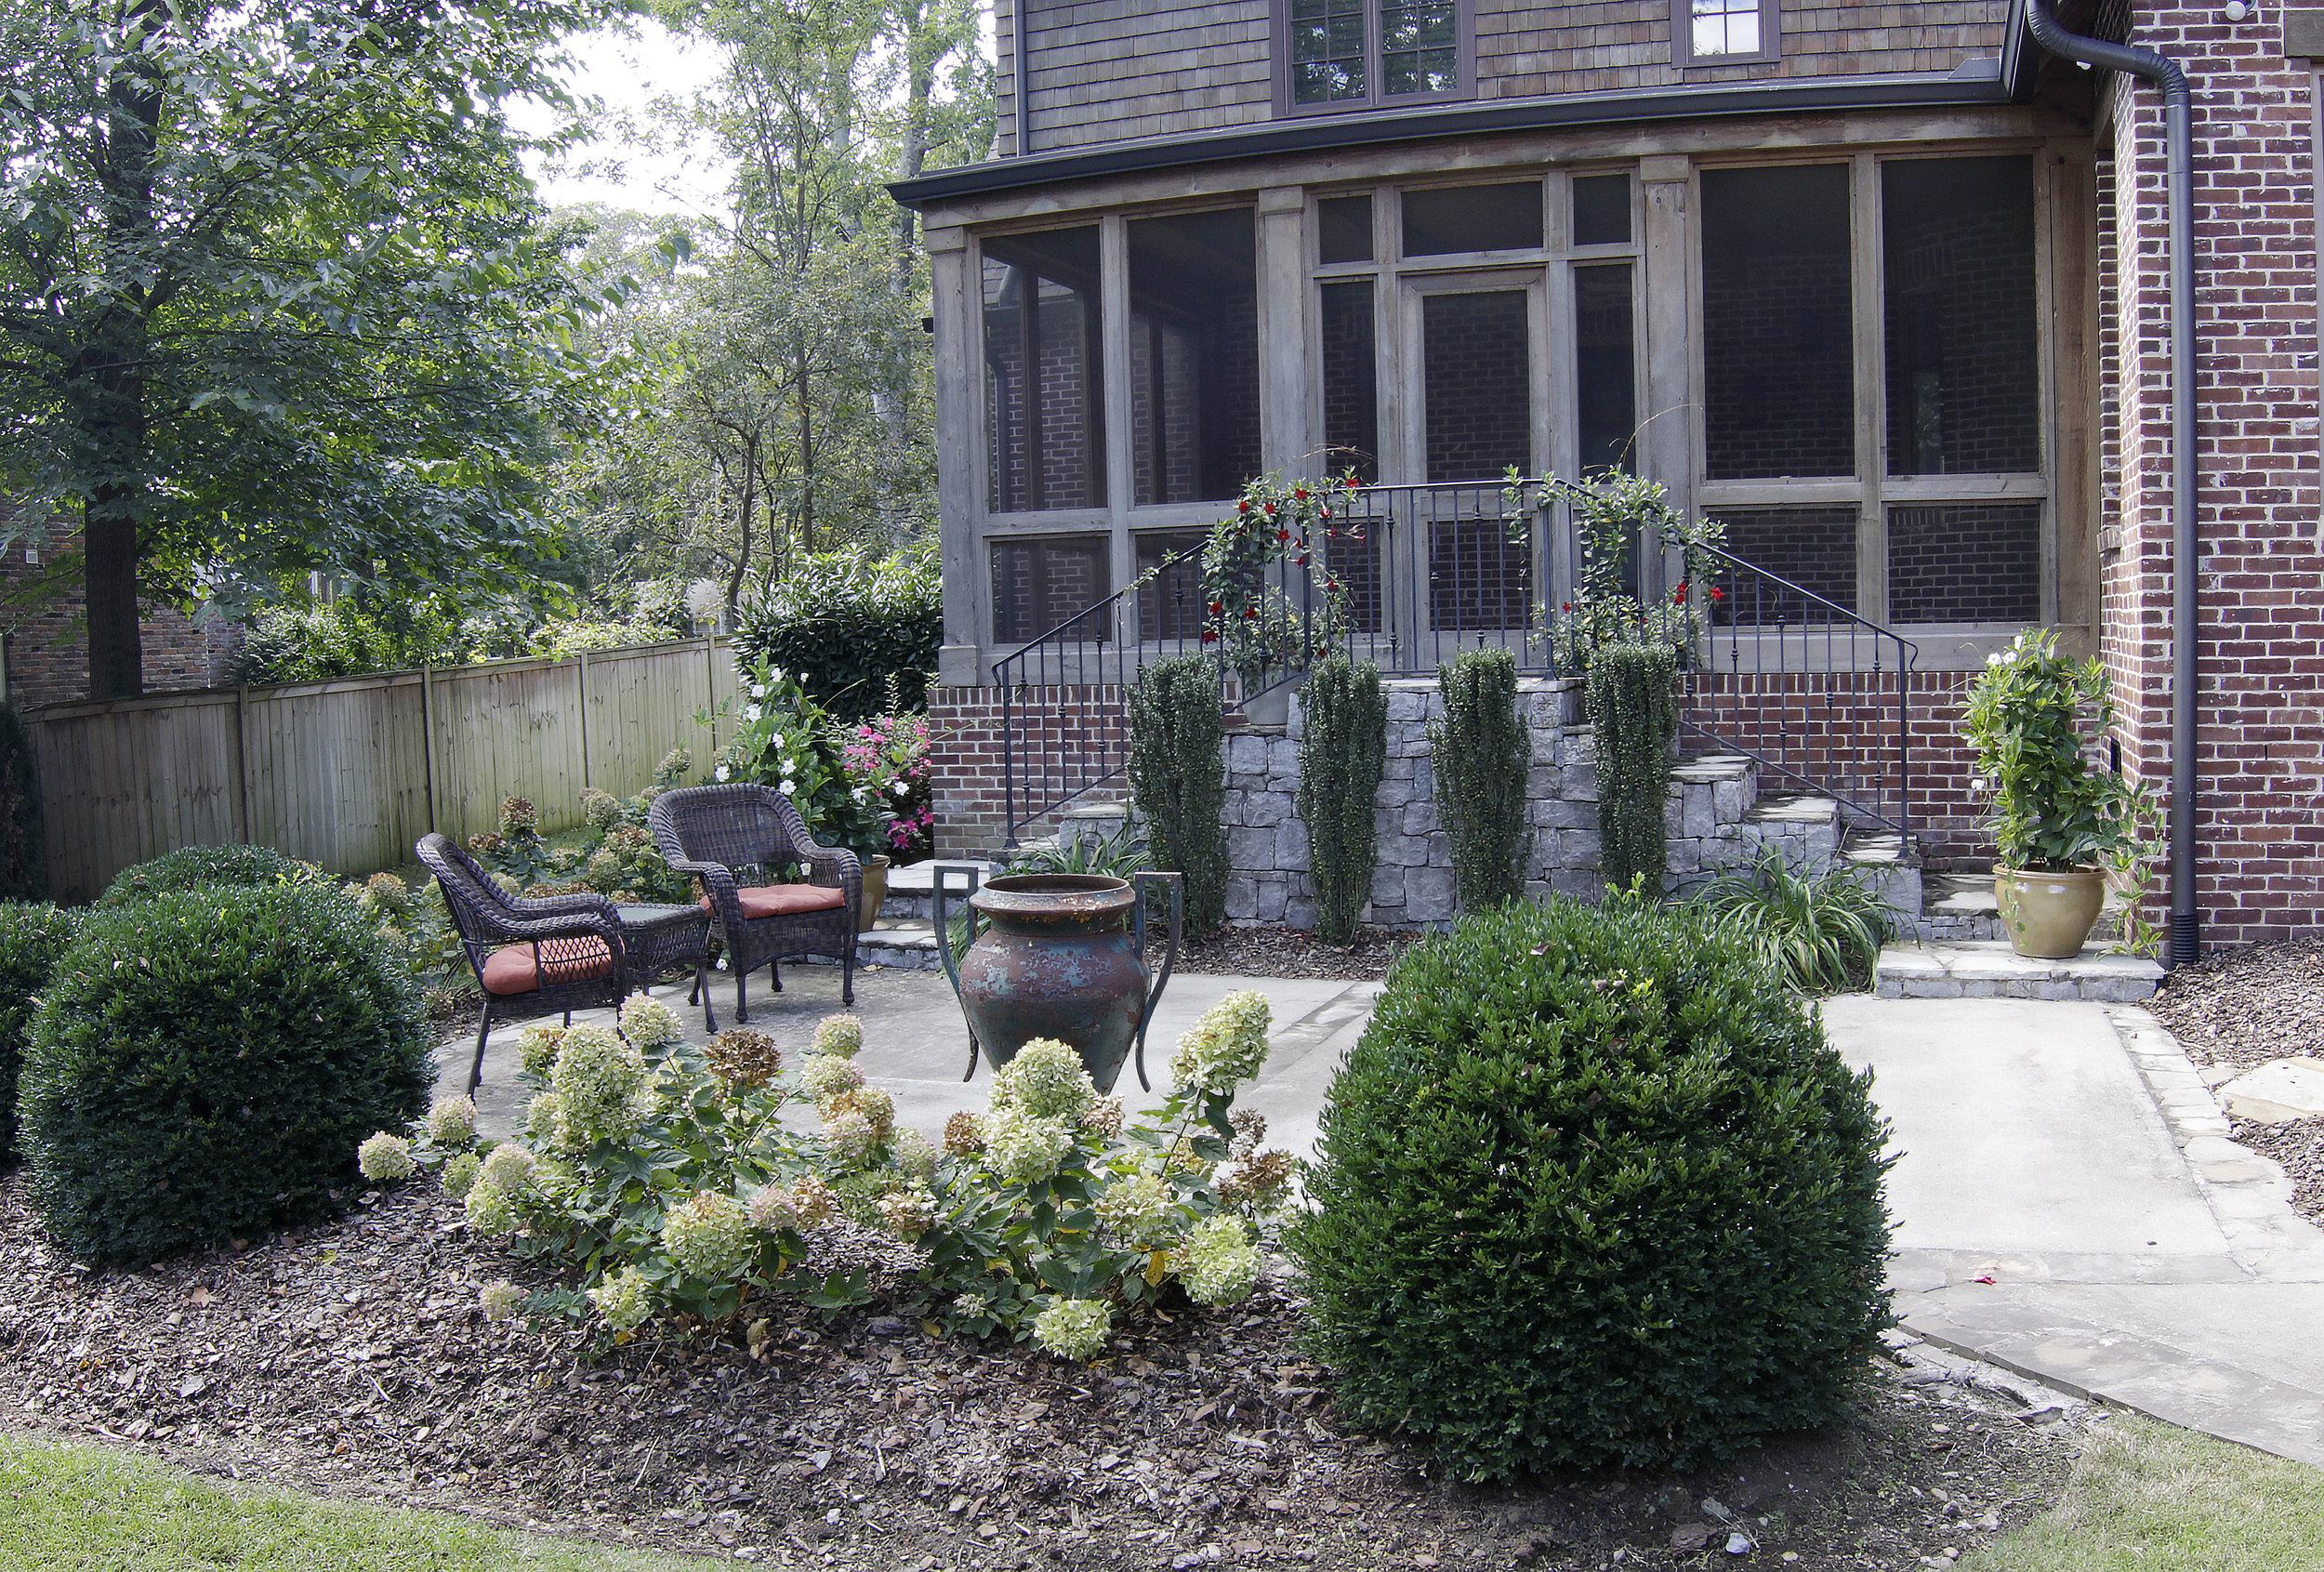 Enjoy the lush outdoor patio!